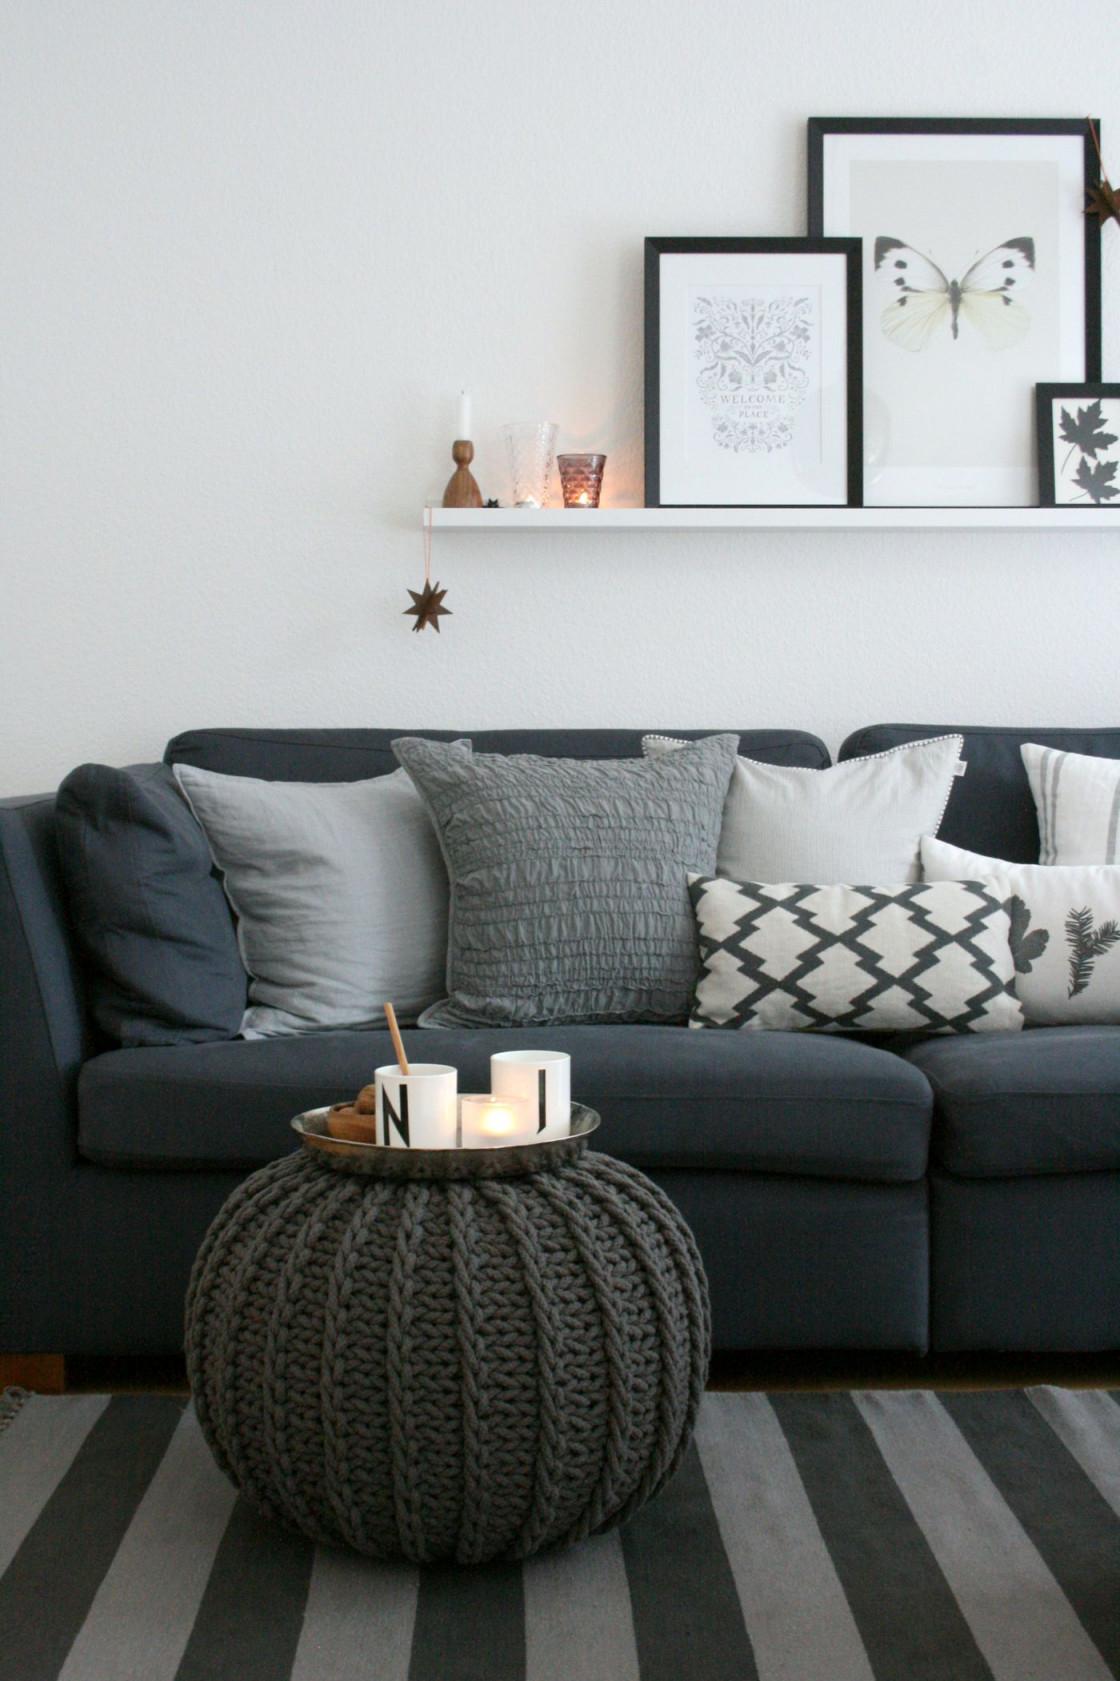 Die Schönsten Ideen Für Deine Wandgestaltung von Wandgestaltung Wohnzimmer Bilder Bild